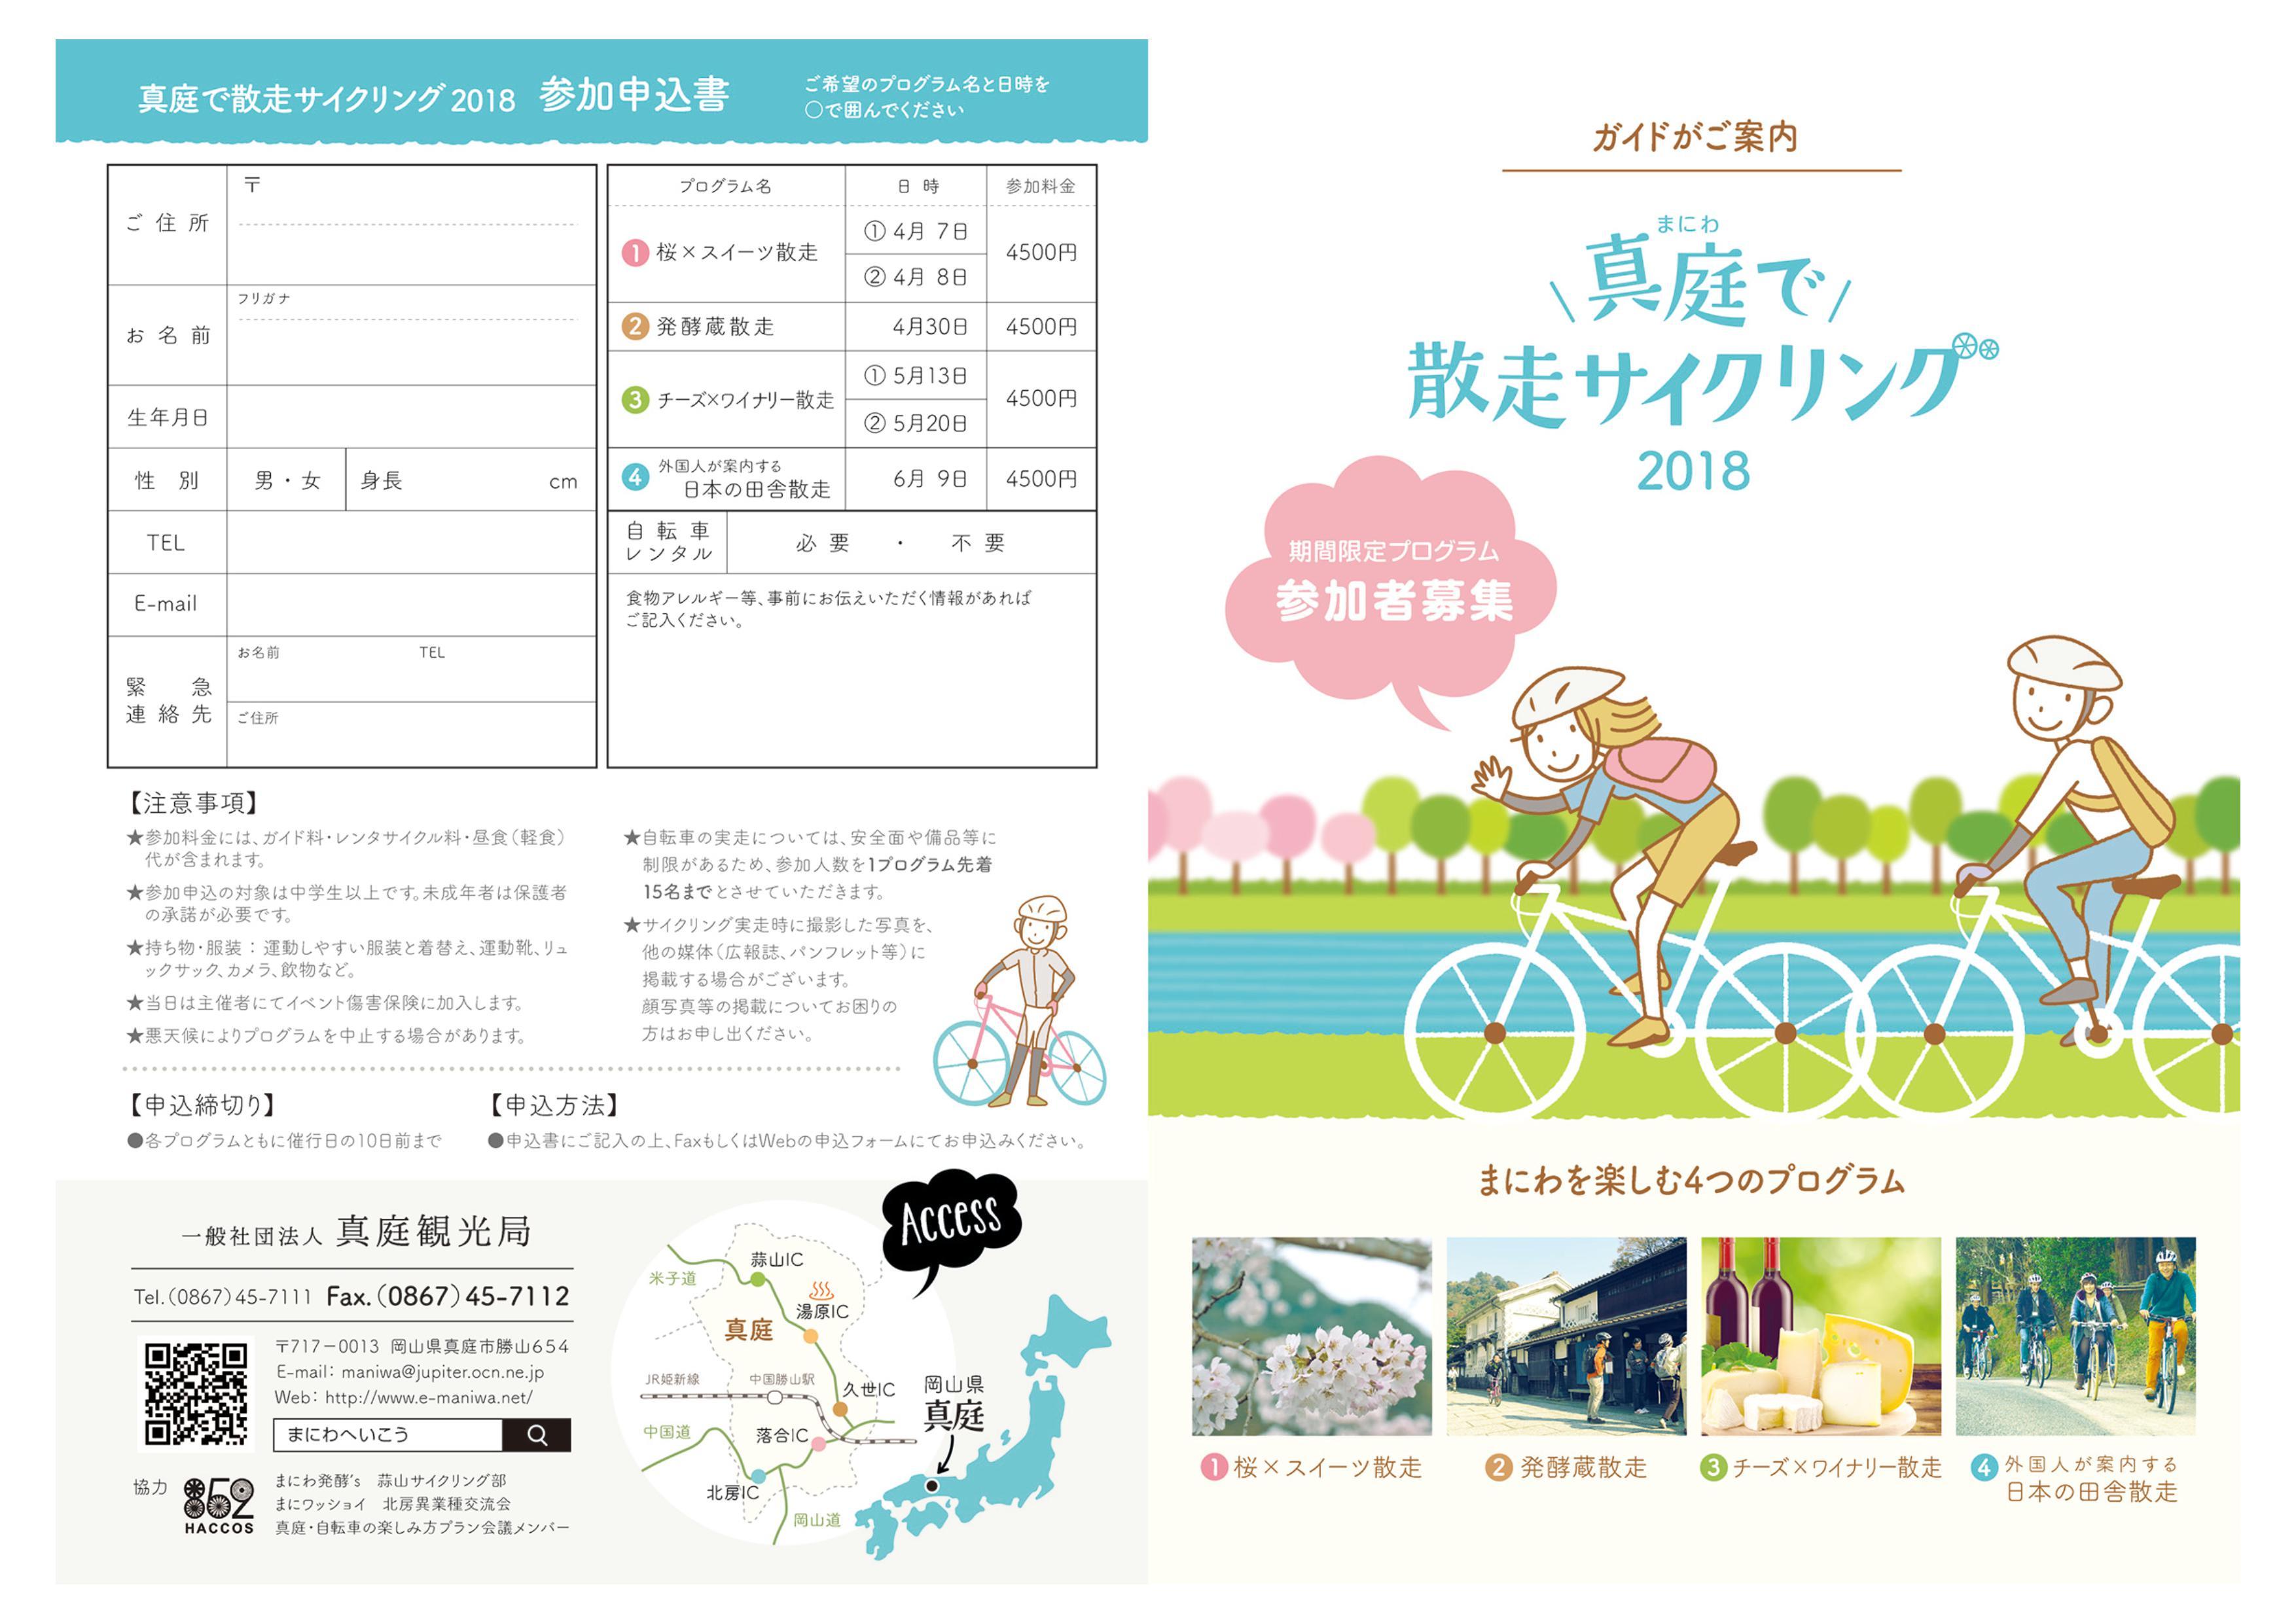 真庭サイクリング